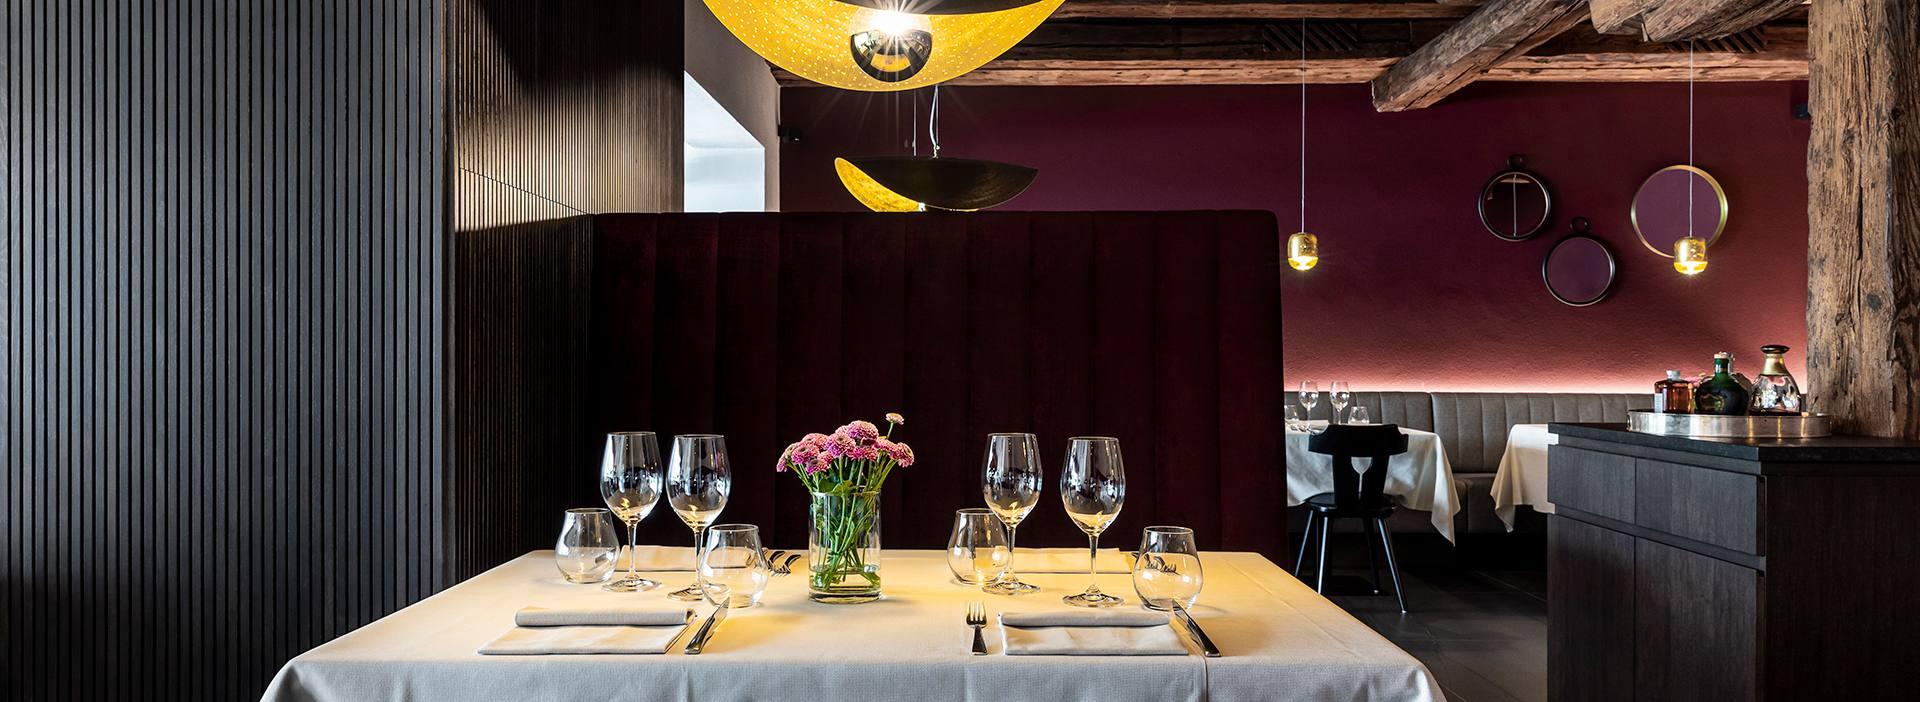 Restaurant Magdalener Hof